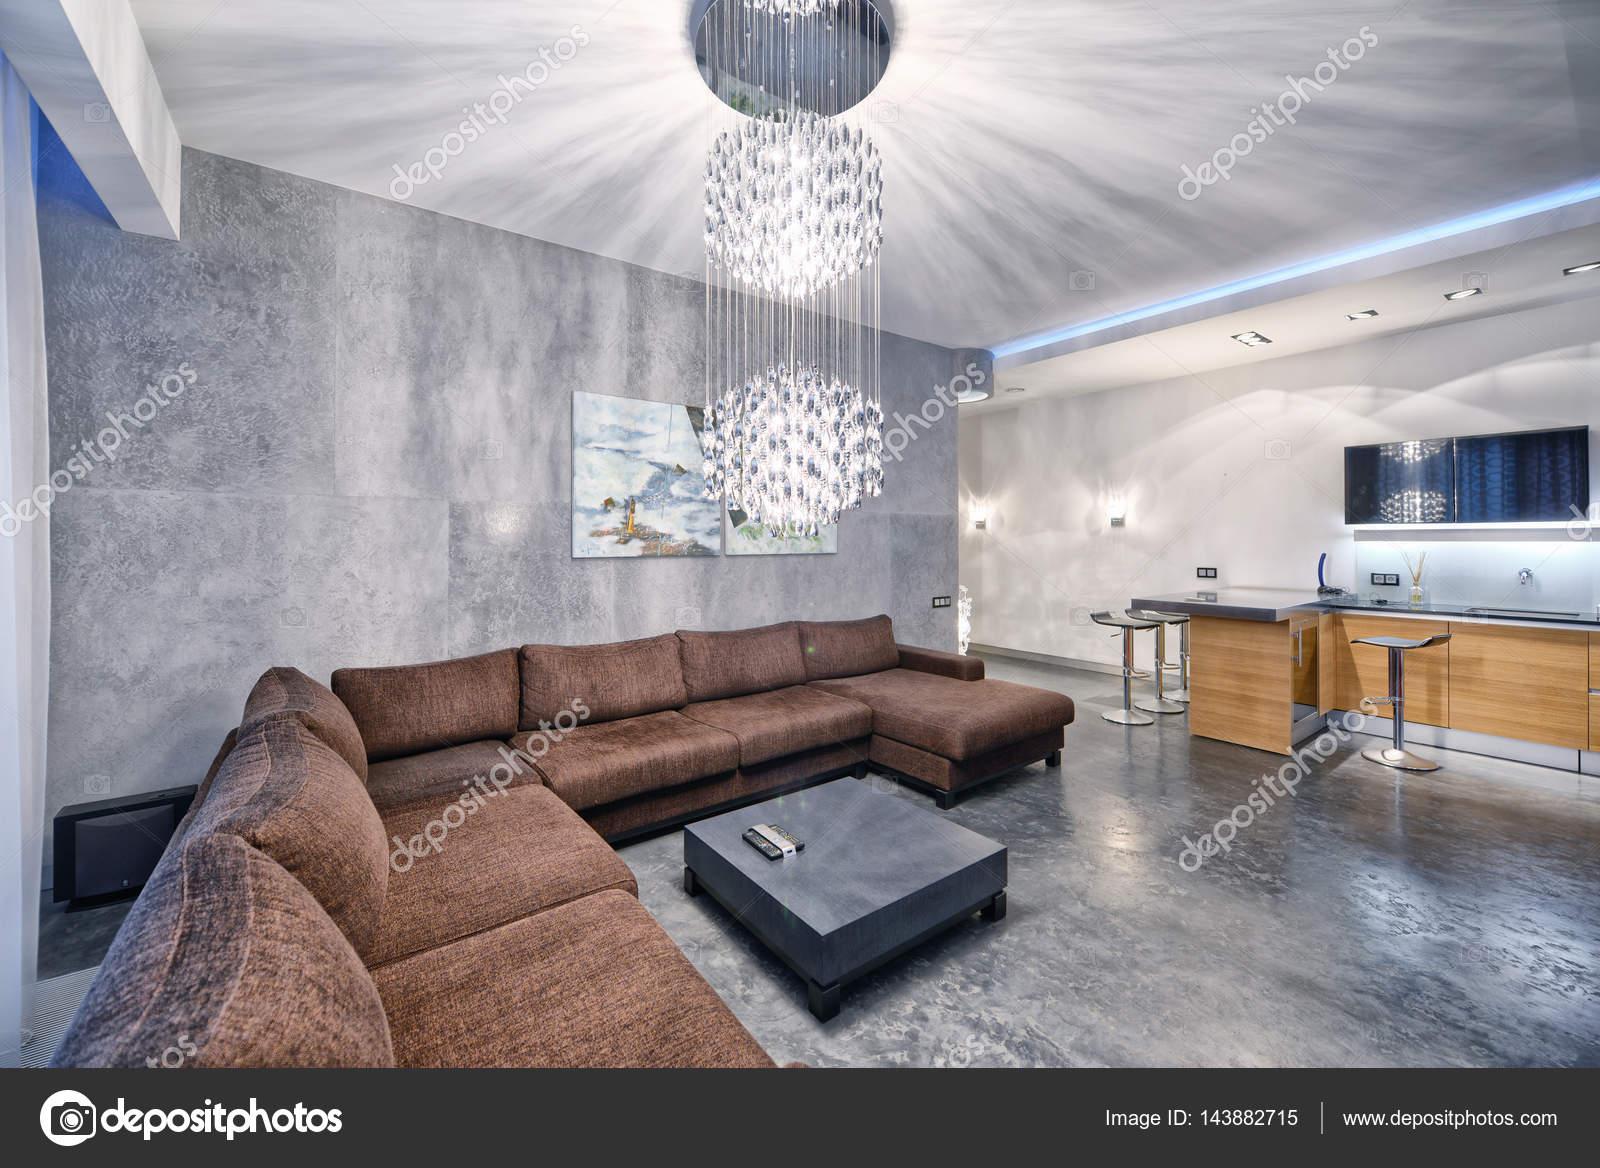 Innenarchitektur-Küche - Wohnzimmer in neue Luxuswohnung — Stockfoto ...